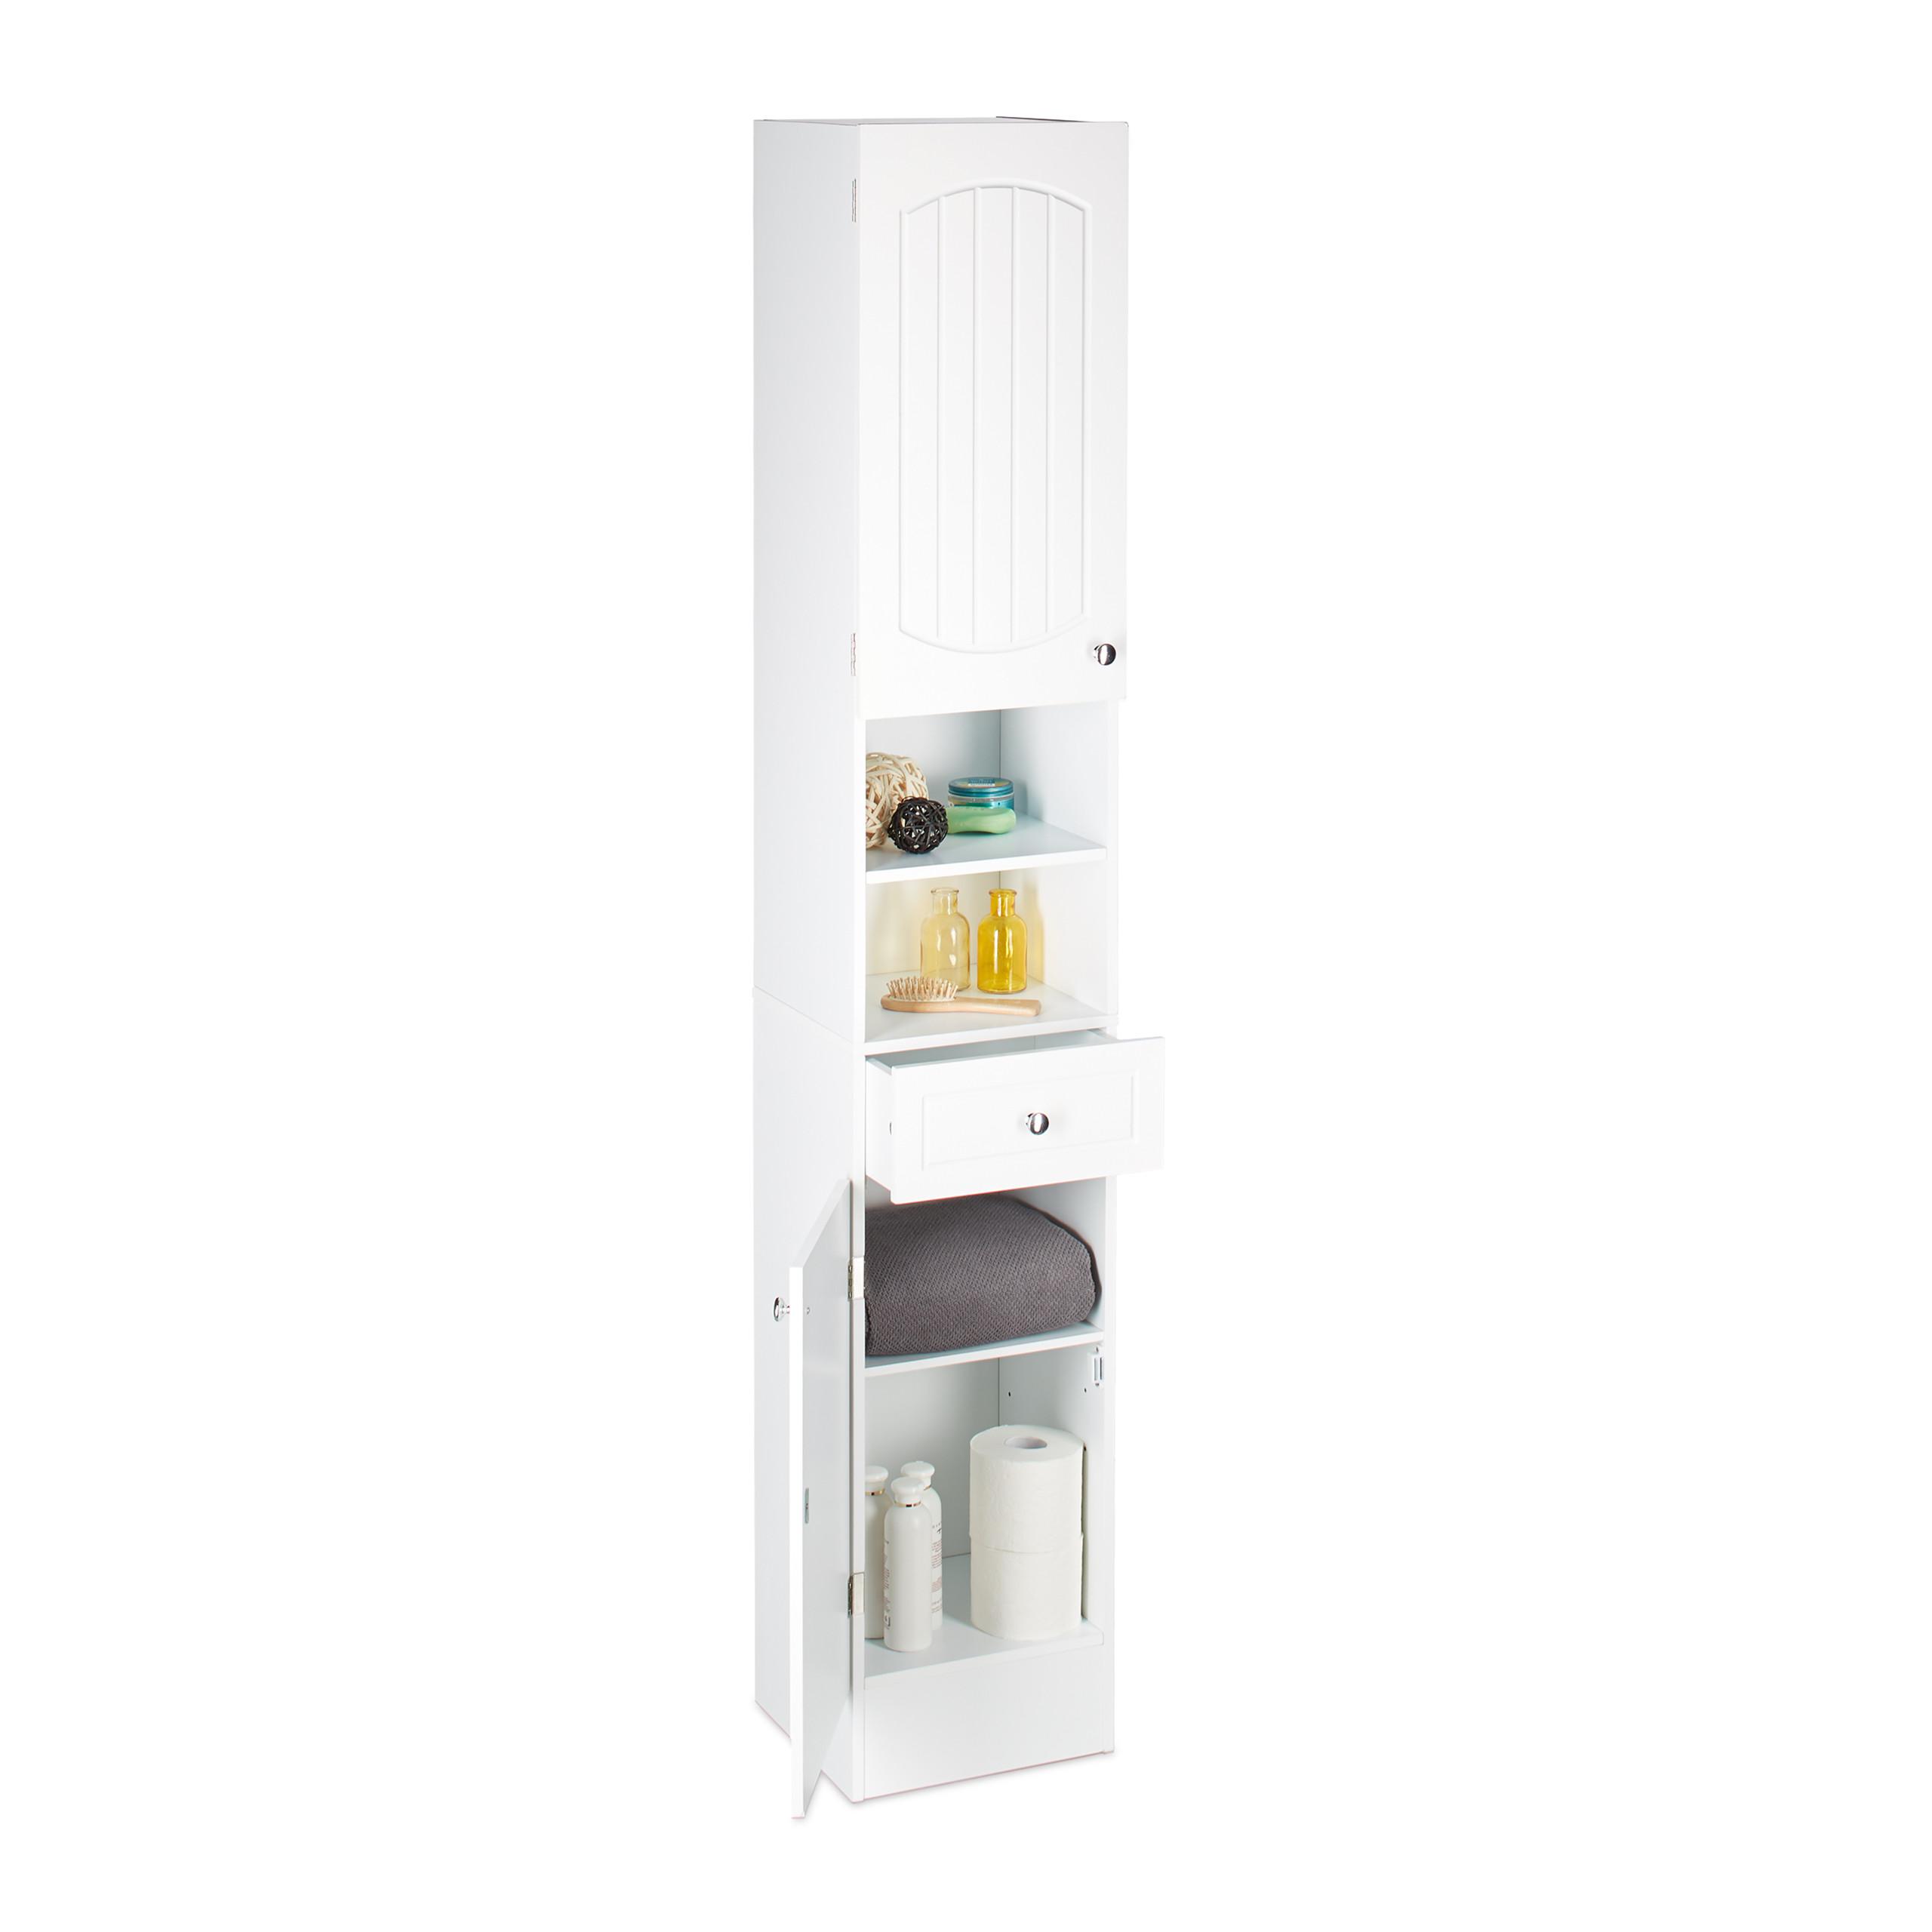 Détails sur Colonne de salle de bain en bois blanc armoire porte tiroir  meuble de rangement